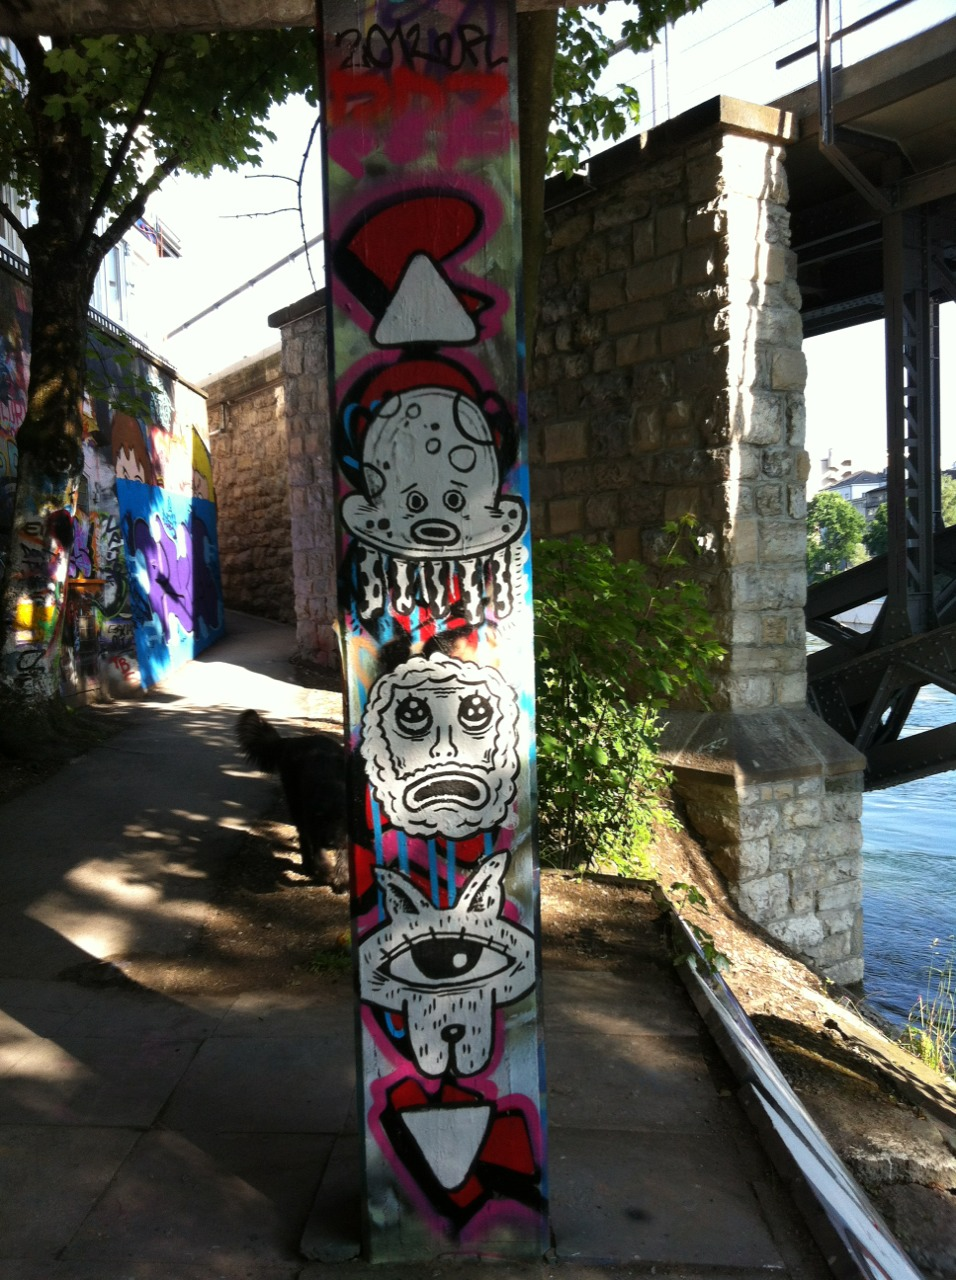 Gefällt mir gut. Streetart in Zürich. Wenn ich raten müsste in der Nähe Wipkingen.trytoexplainyourself